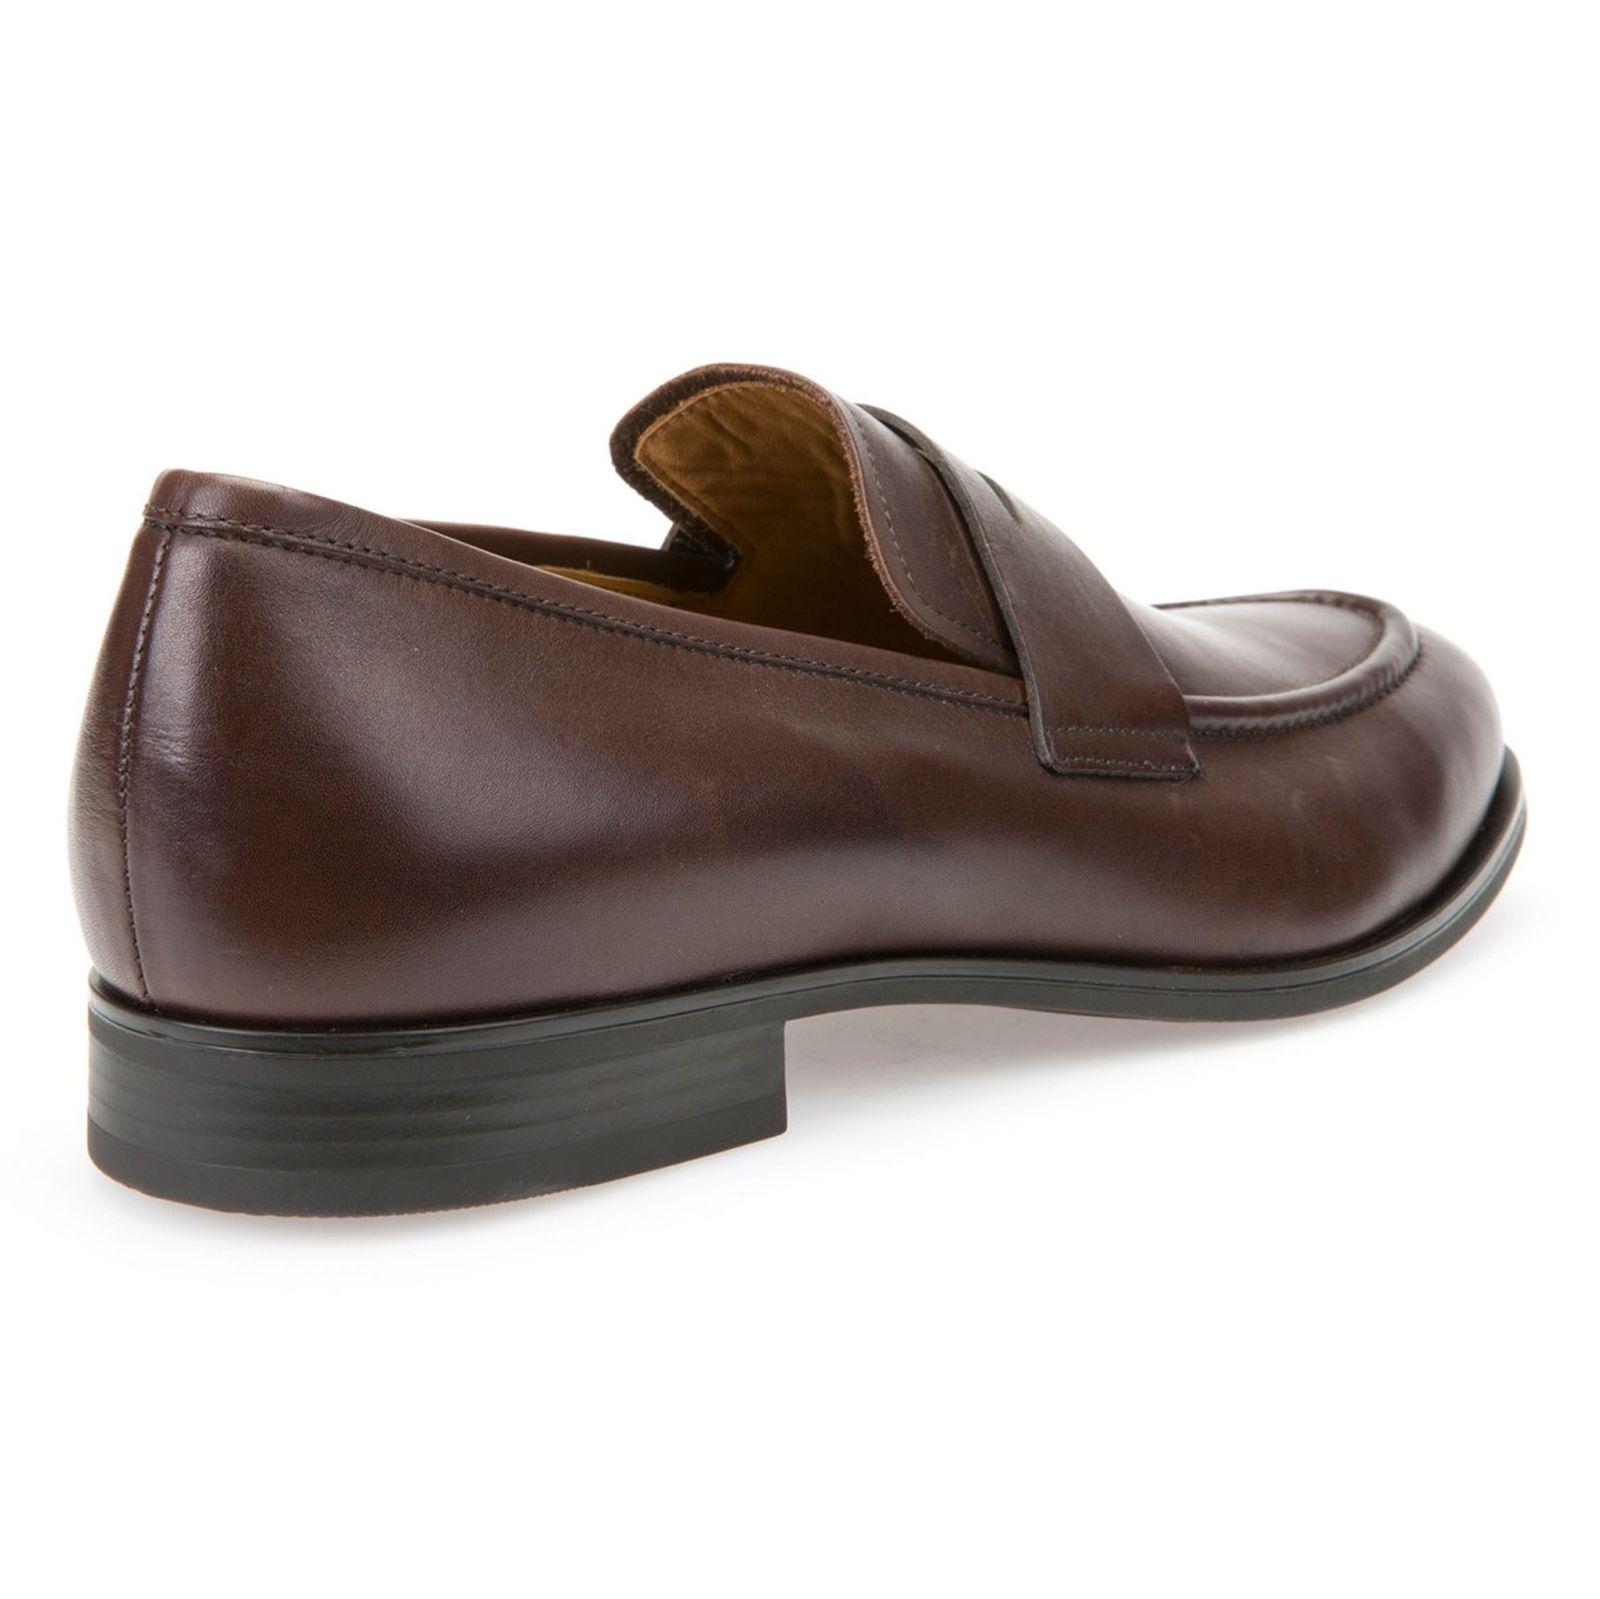 کفش رسمی چرم مردانه - جی اوکس - قهوه اي - 6